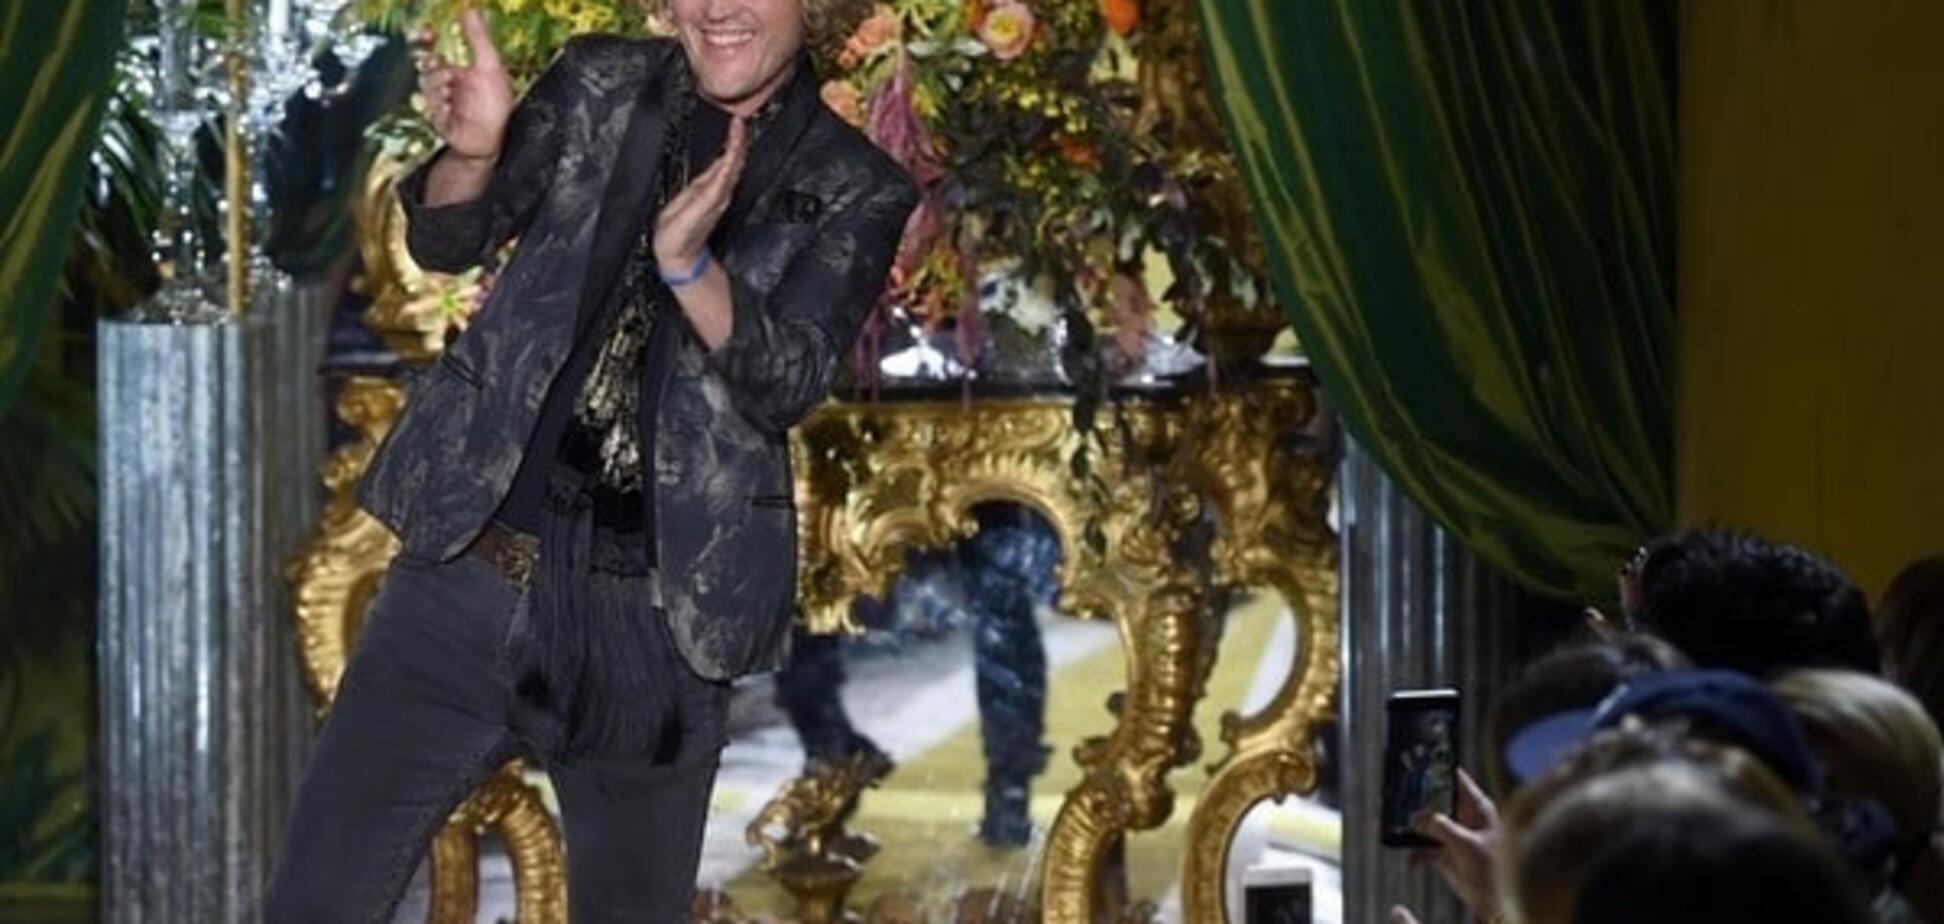 Неделя моды в Милане: стиль 70-х в показе Roberto Cavalli